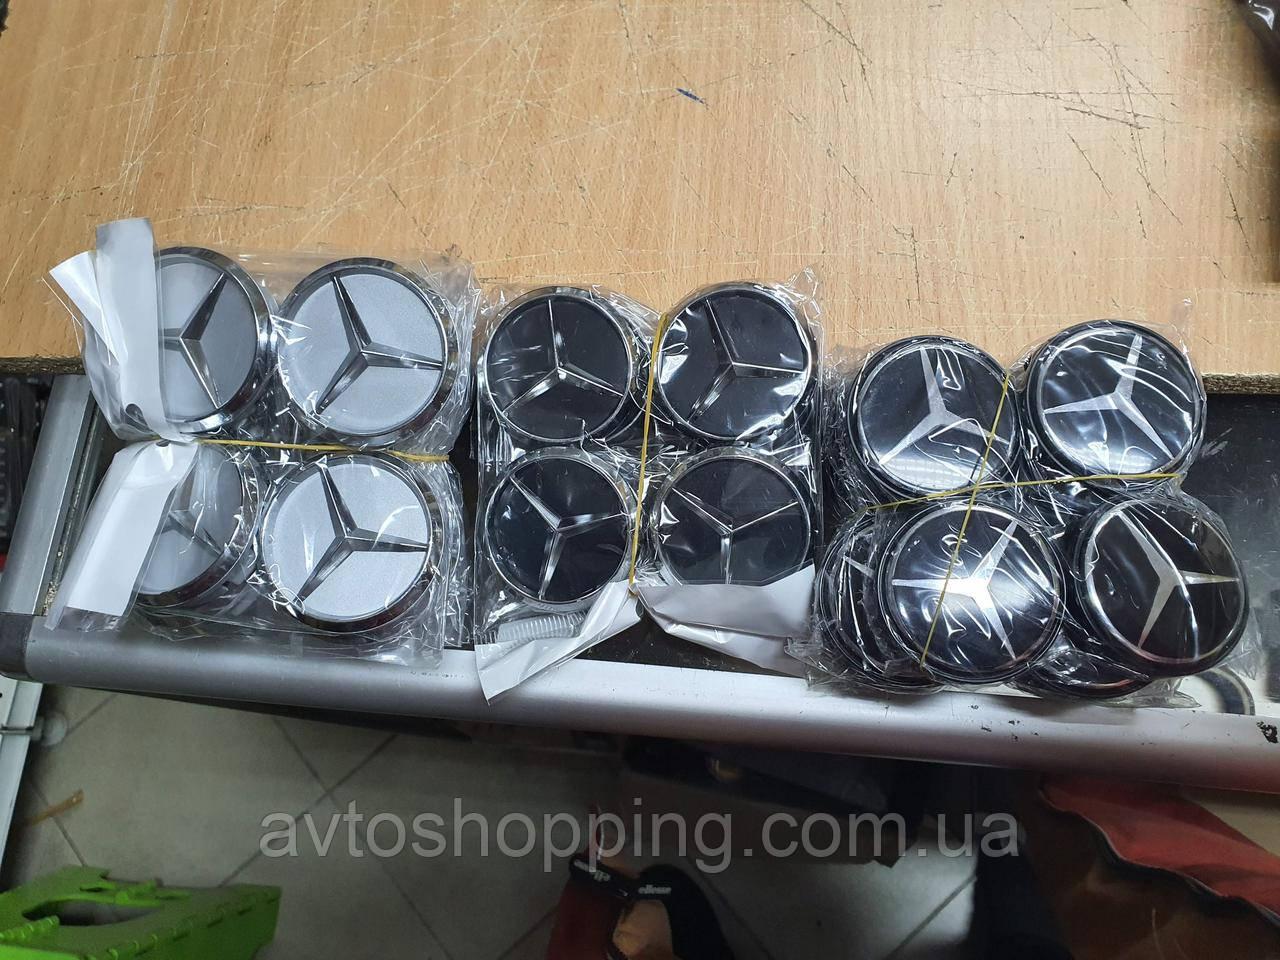 Колпачки, заглушки на диски Mercedes-Benz  Мерседес 60 мм / 56 мм Черные и хром